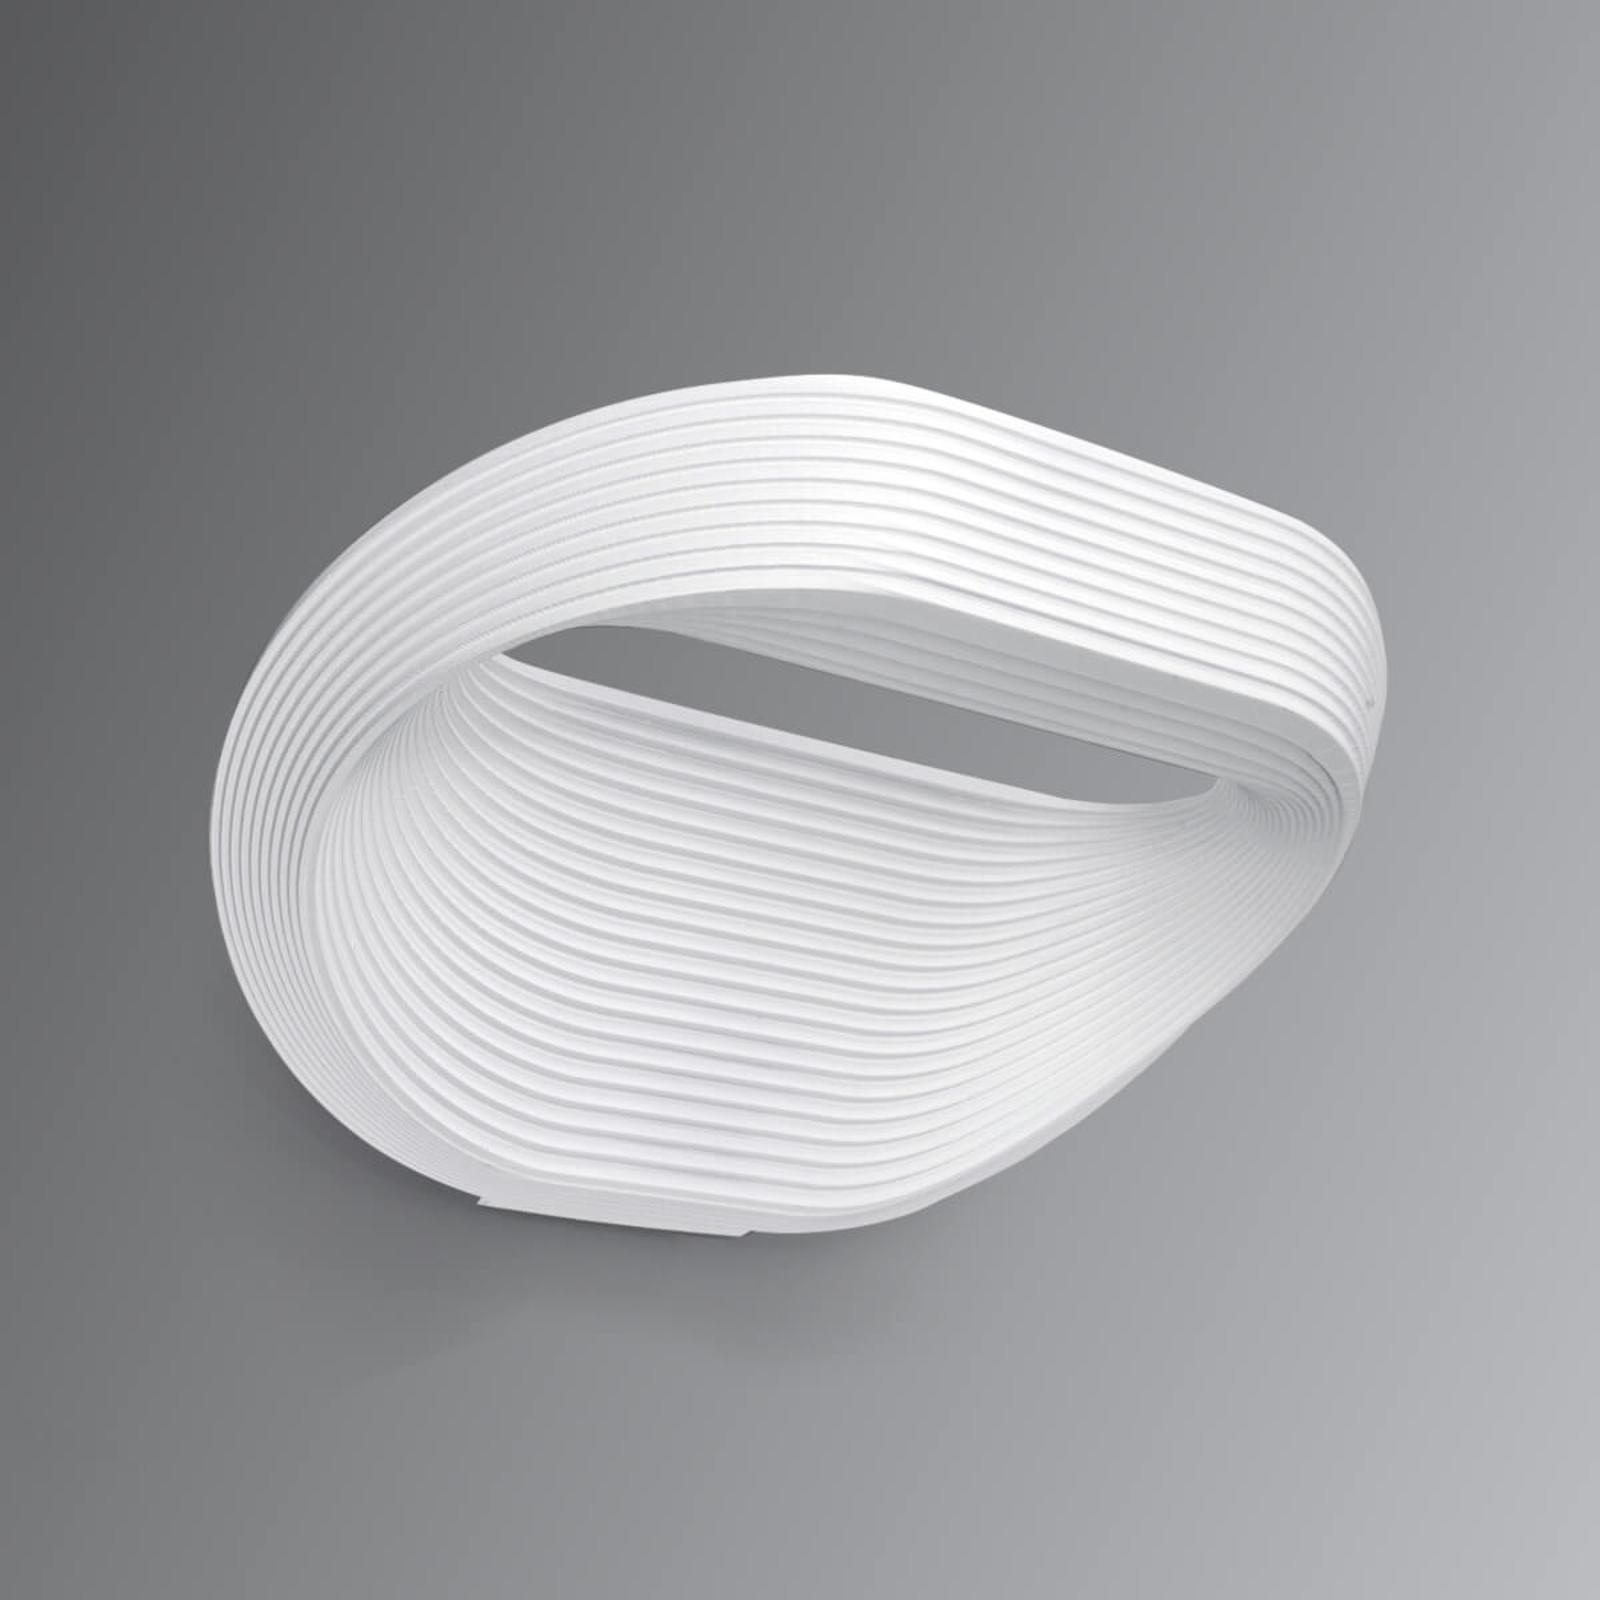 Kinkiet LED Sestessa 24 o doskonałym designie